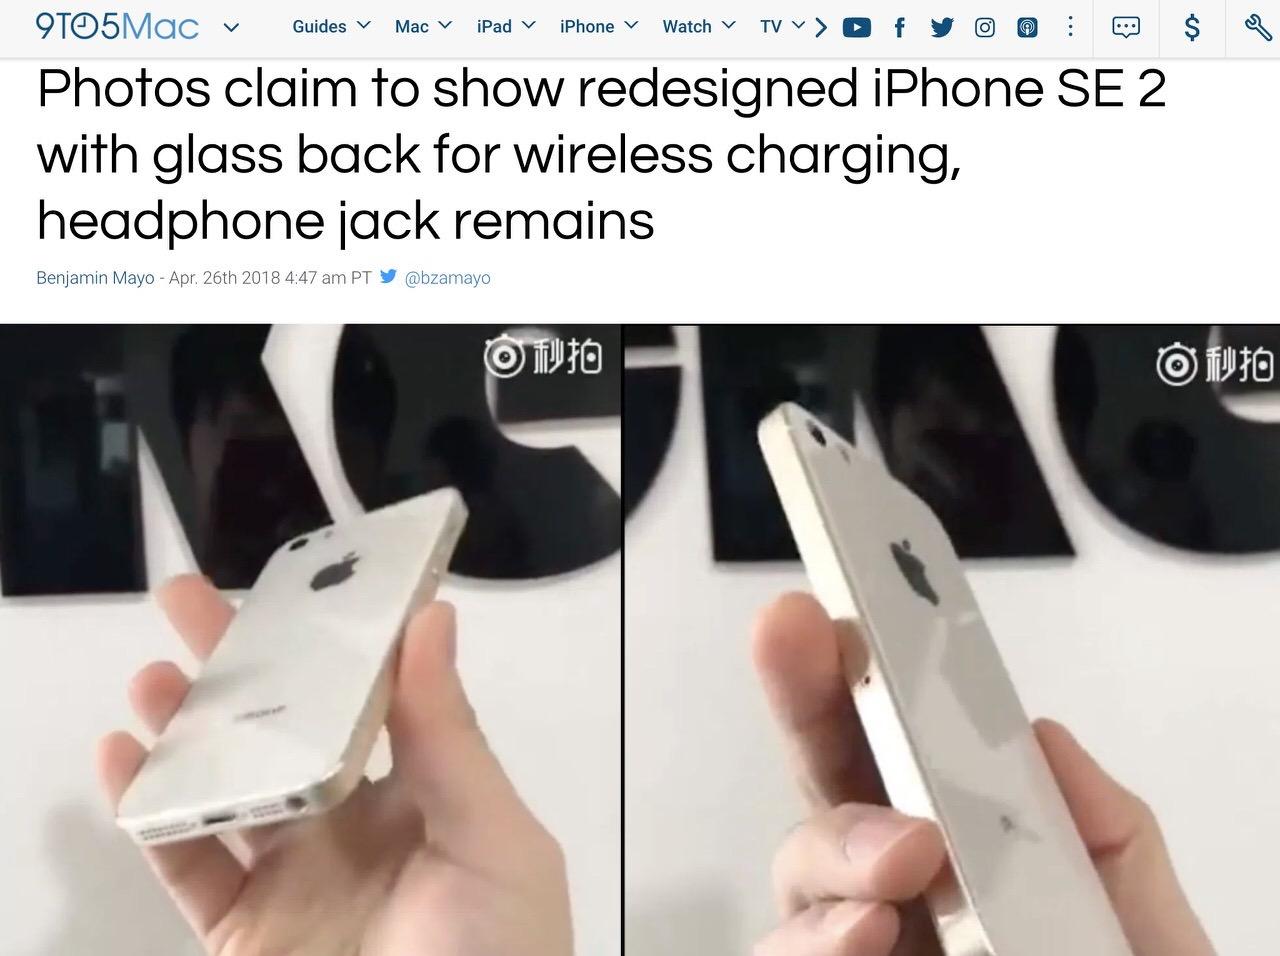 「iPhone SE2」実機の写真が流出か?背面はガラスでヘッドフォンジャックあり